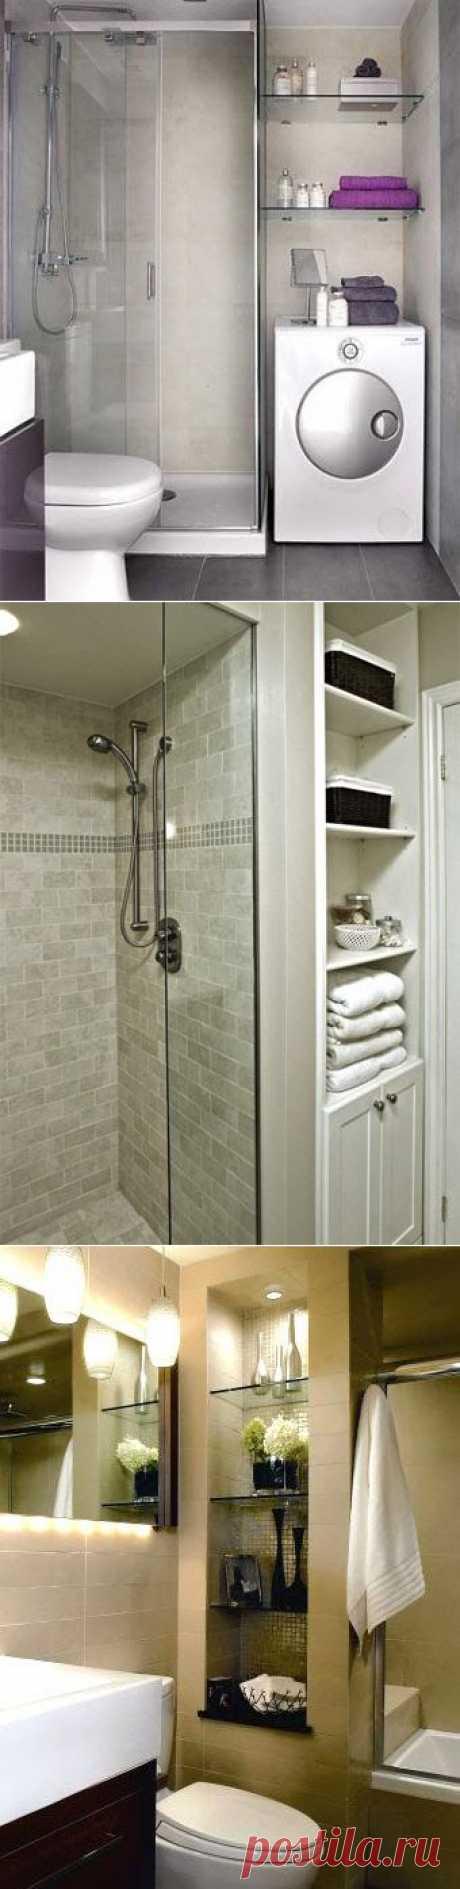 (+1) тема - Способы зрительно увеличить ванную комнату | Школа Ремонта